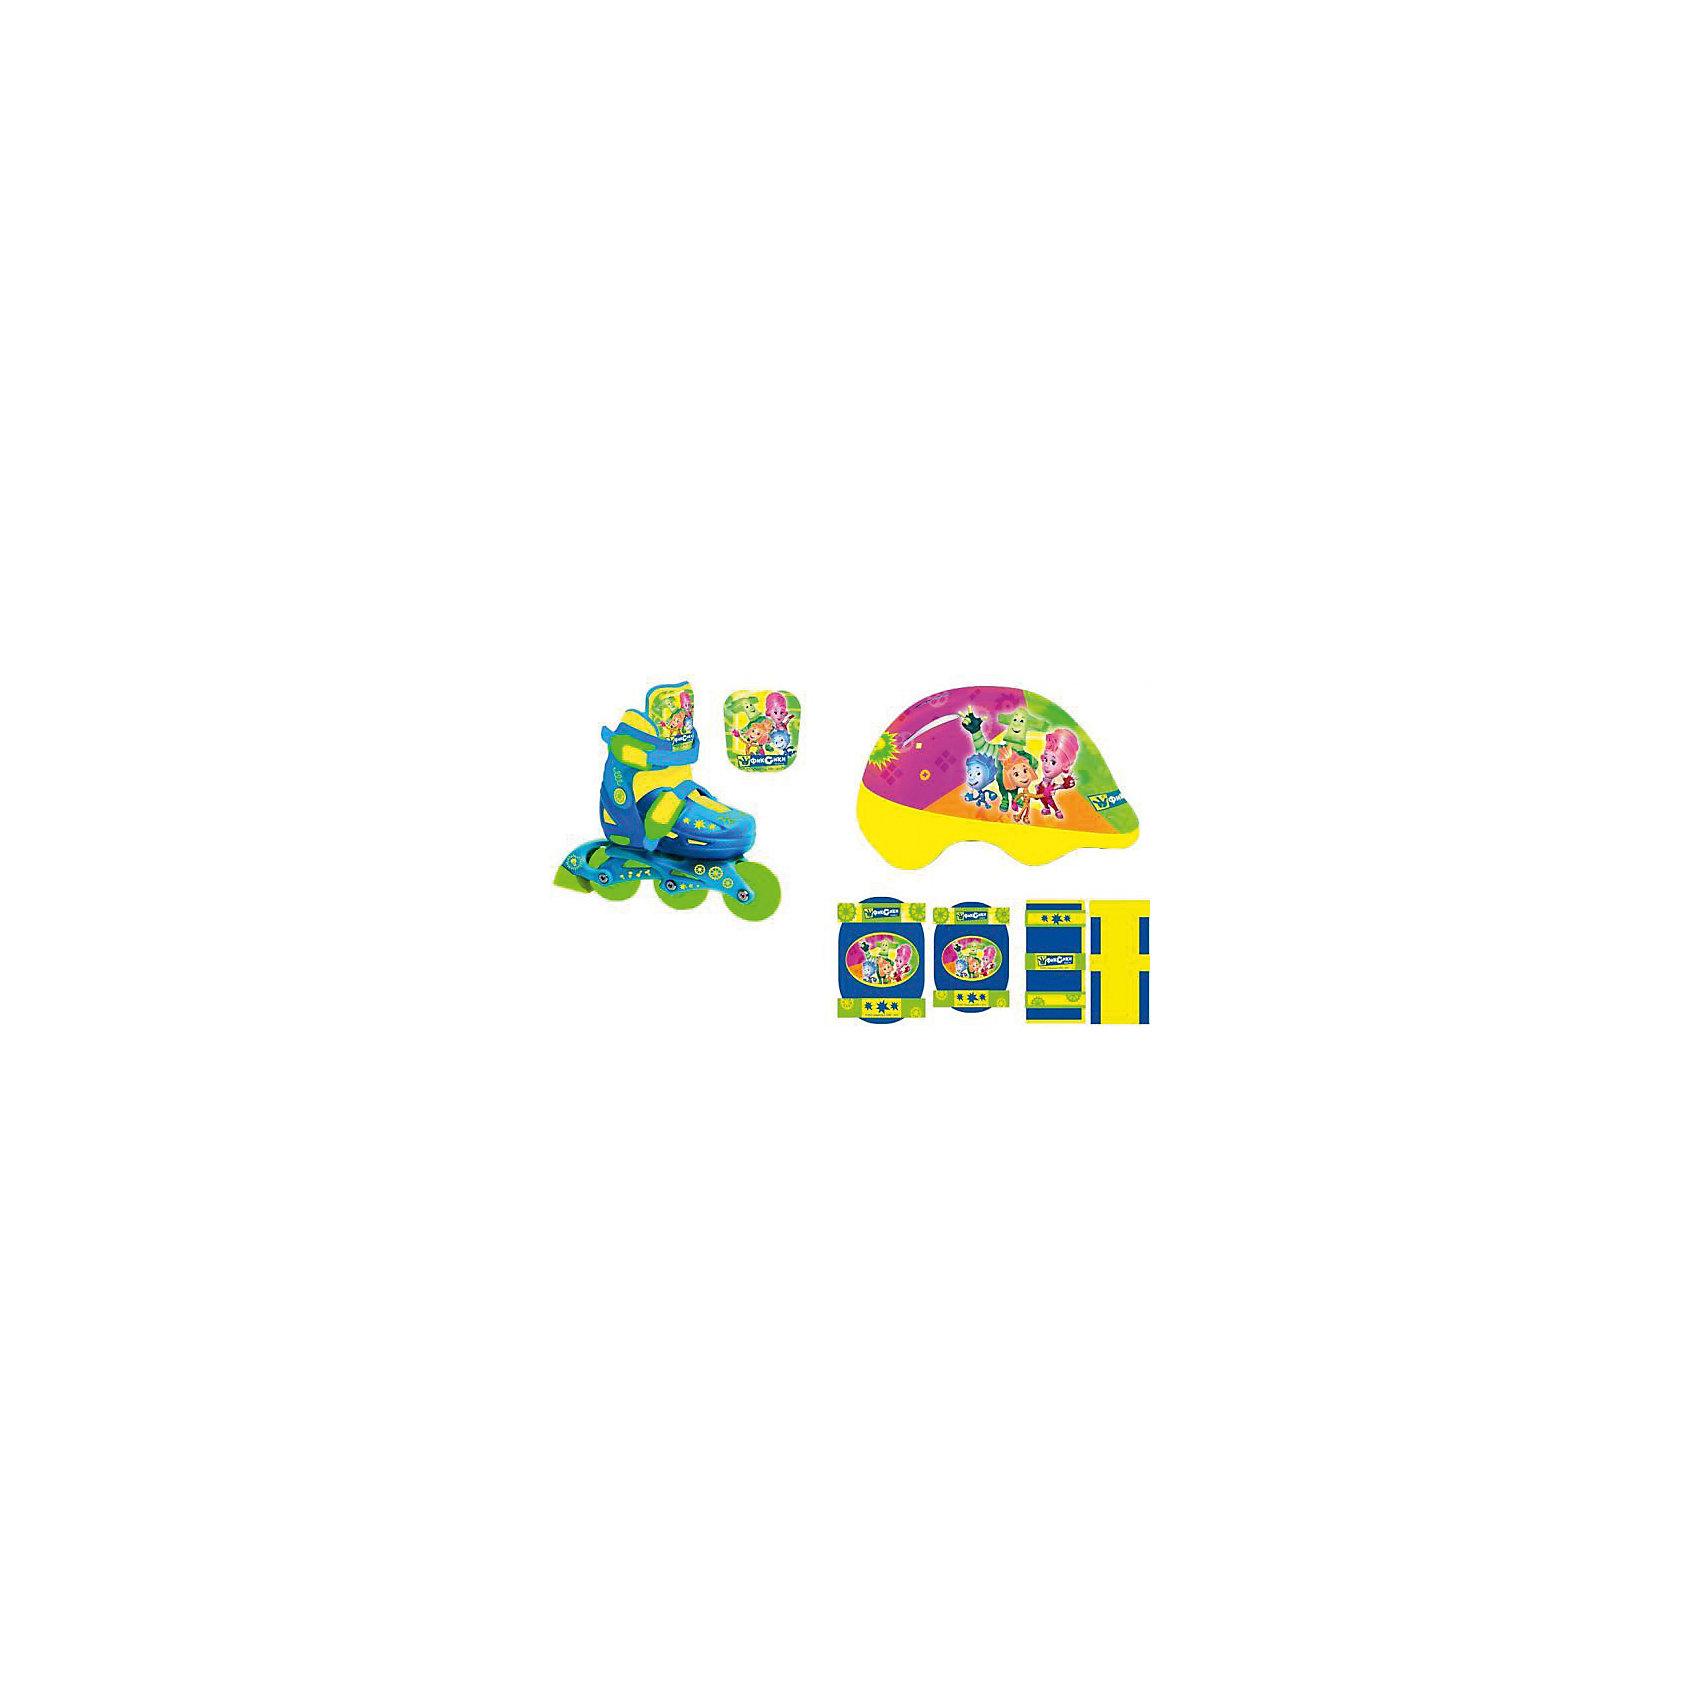 Раздвижные ролики, защита и шлем, Фиксики, NextХарактеристики роликов:<br><br>• Предназначение: для подвижных игр<br>• Пол: для девочки<br>• Цвет: желтый, синий, зеленый, розовый, оранжевый<br>• Материал: пластик, текстиль, металл, ПВХ<br>• Комплектация: ролики, шлем, защита на запястья, локти и колени<br>• Количество колес: 3 шт.<br>• Диаметр колес: 6*2,4 см<br>• Регулировка размера<br>• Тип застежки: клипса<br>• Тип ботинка: средней жесткости<br><br>Для любителей подвижных игр на свежем воздухе Next предлагает раздвижные ролики, защиту и шлем, Фиксики, которые сочетают в себе лучшие качества профессиональных роликов и требования к безопасности для детских товаров. Они выполнены из качественных и безопасных материалов: нетоксичный пластик, дышаший текстиль и прочные металлические крепления обеспечивают комфорт и удобство во время катания. Защита от травм ног обеспечивается за счет эргономичного ботинка, высокого голенища, застежек-клипс и колес повышенной устойчивости. Колеса выполнены из качественного полимера ПВХ, которые обладают повышенной прочностью и защитой от антискользящими свойствами от влажной поверхности. <br><br>Раздвижные ролики, защита и шлем, Фиксики, Next выполнены в ярком стильном дизайне, с принтом из героев знаменитого мультсериала Фиксики. Регулировка по размеру ноги позволит использовать ролики несколько сезонов. Катание на роликовых коньках способствует физическому развитию ребенка, координации движений и укреплению всех групп мышц.<br><br>Раздвижные ролики, защита и шлем, Фиксики, Next можно купить в нашем интернет-магазине.<br><br>Подробнее:<br>Для детей в возрасте: от 6 до 9 лет<br>Номер товара: 4769586<br>Страна производитель: Китай<br><br>Ширина мм: 350<br>Глубина мм: 250<br>Высота мм: 200<br>Вес г: 2430<br>Цвет: разноцветный<br>Возраст от месяцев: 72<br>Возраст до месяцев: 108<br>Пол: Мужской<br>Возраст: Детский<br>Размер: 30-33<br>SKU: 4769586